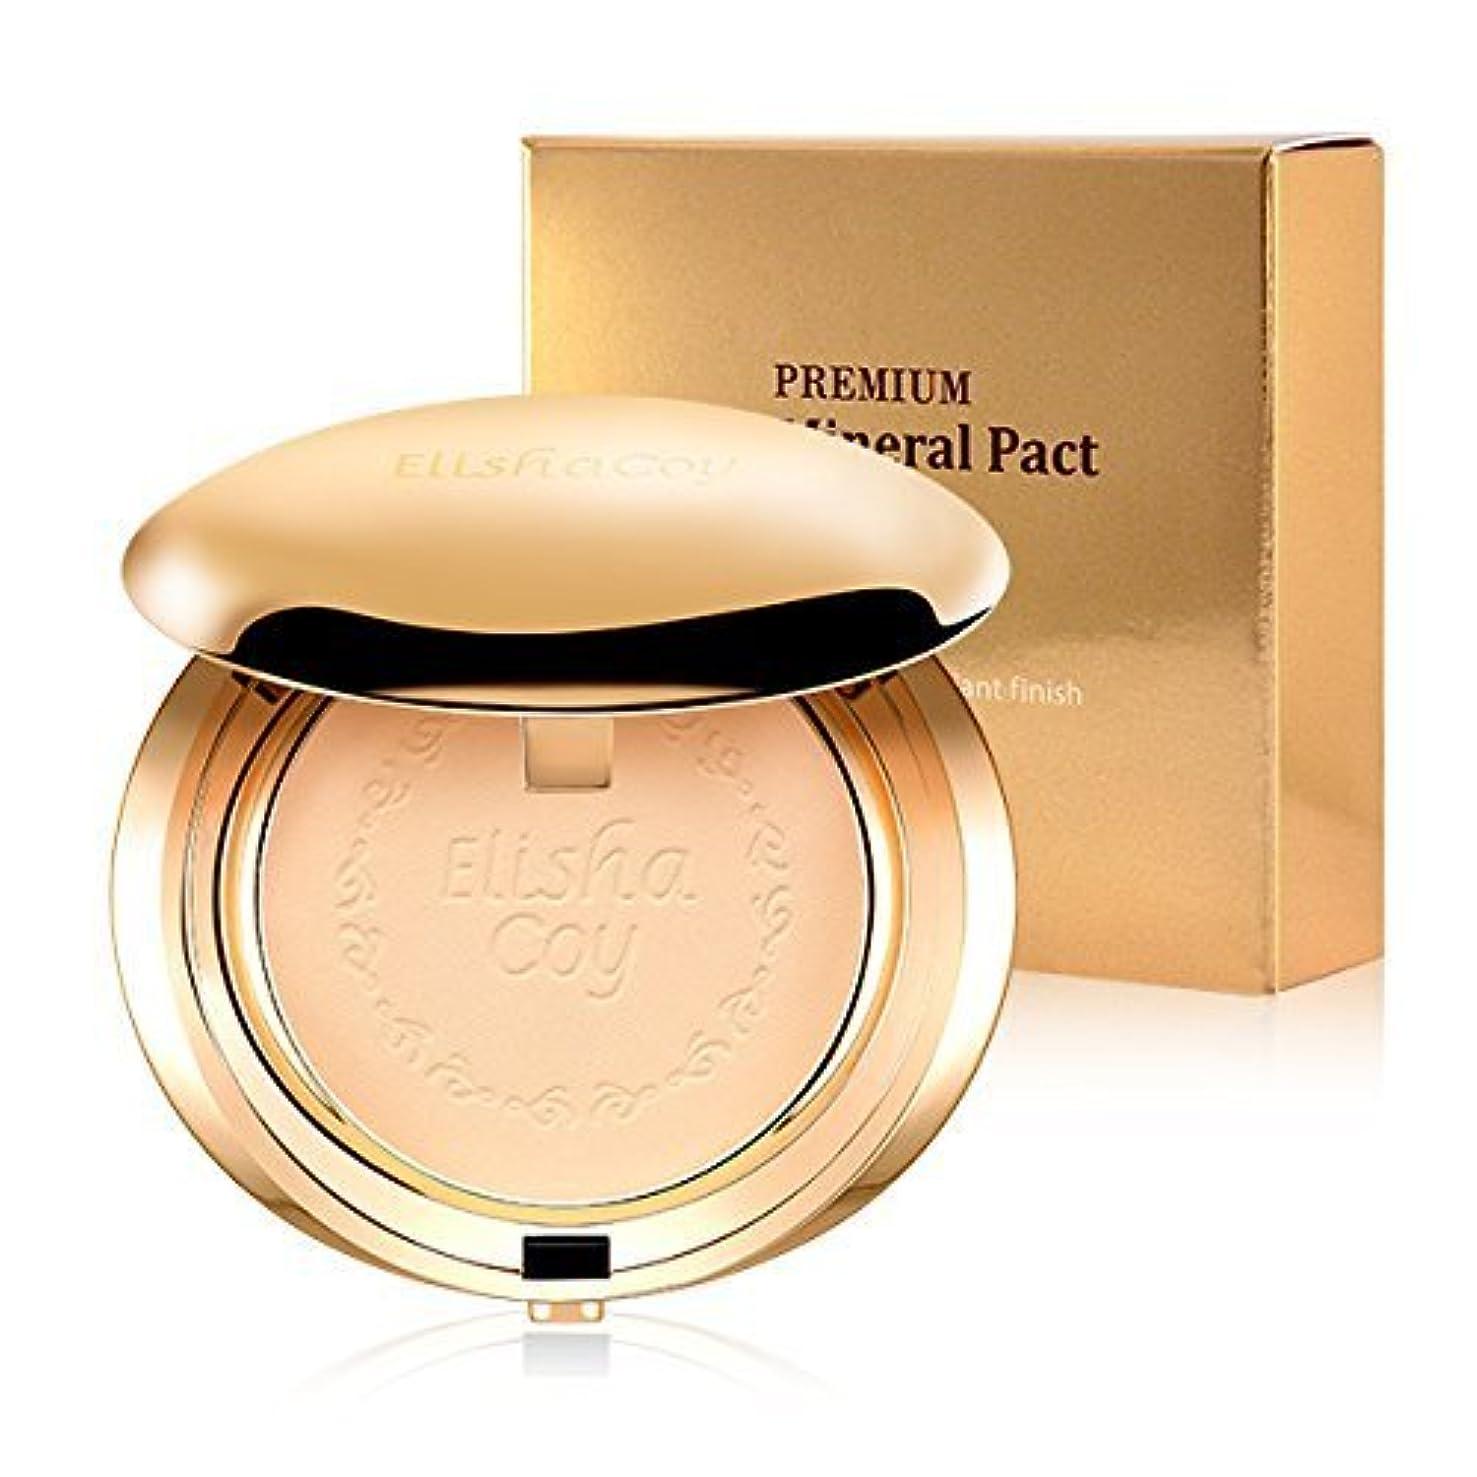 維持する溶かす広げるElishacoy Premium gold mineral pact No.23 アリシアこいプレミアムゴールドミネラルファクト [並行輸入品]